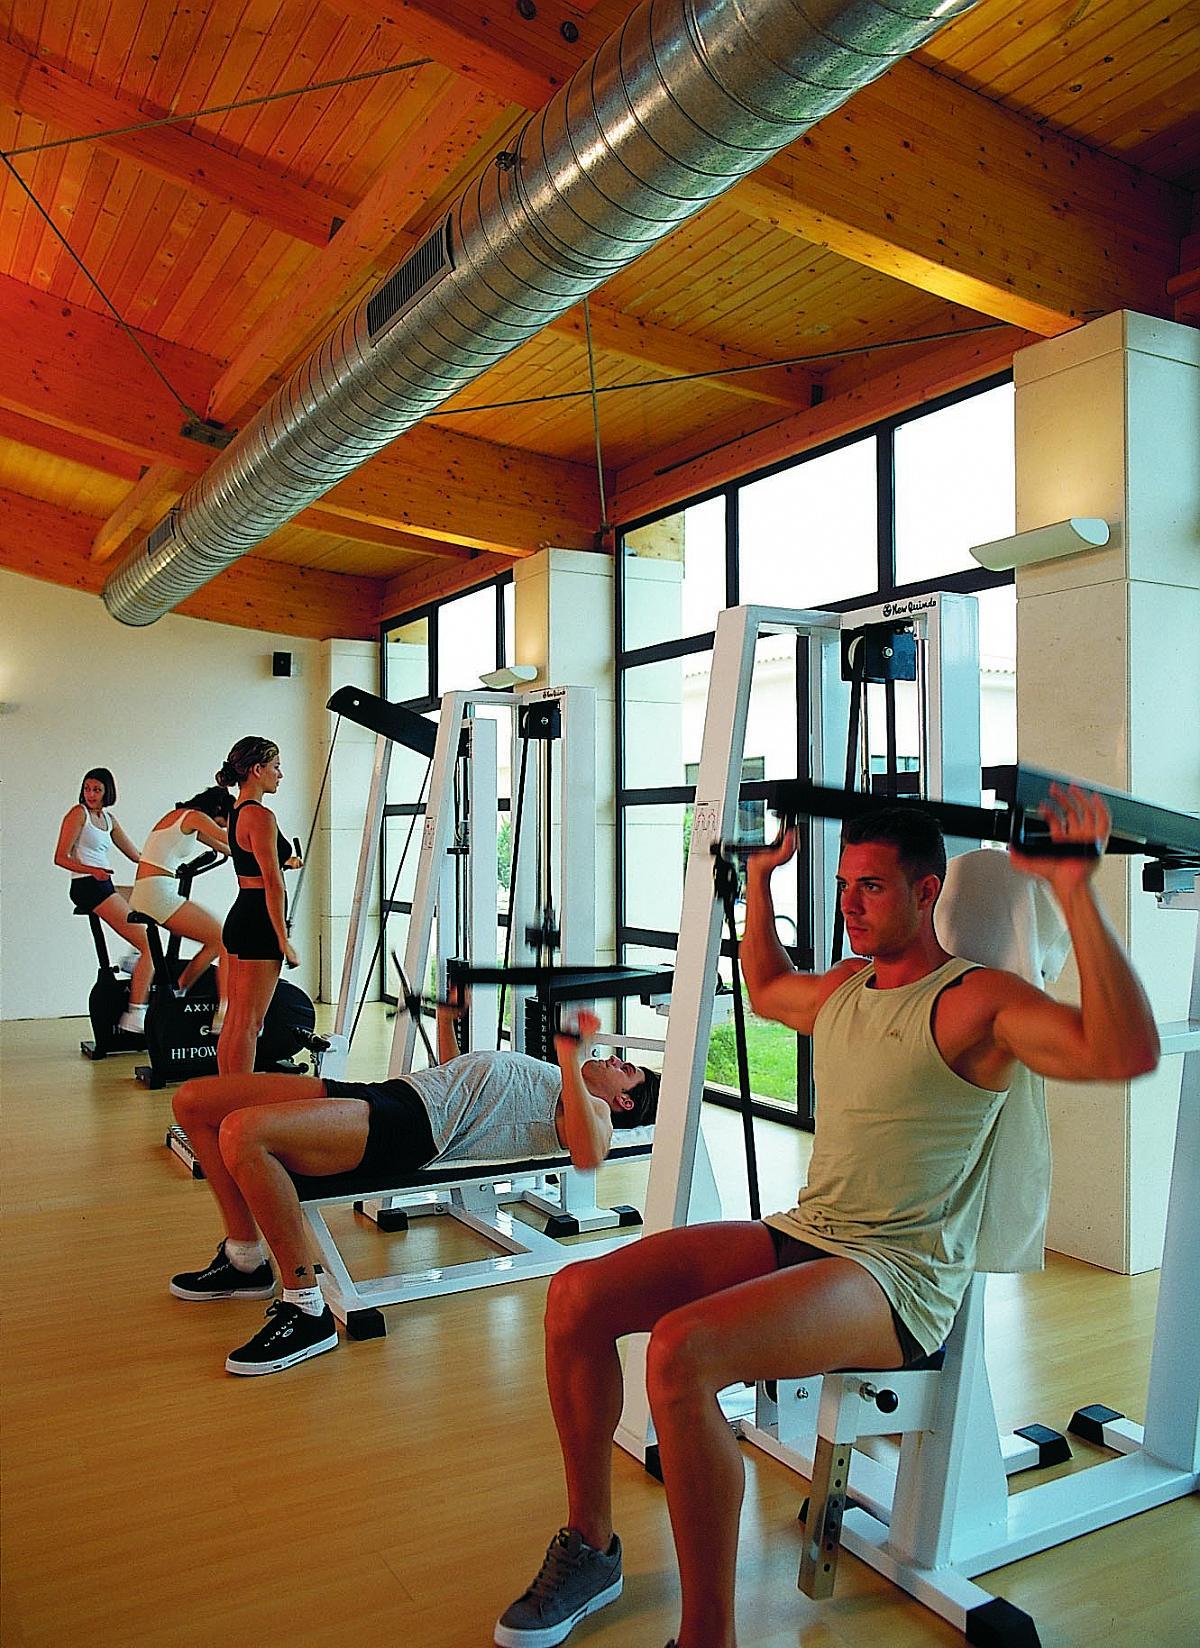 Je tam datovania miesto pre fitness